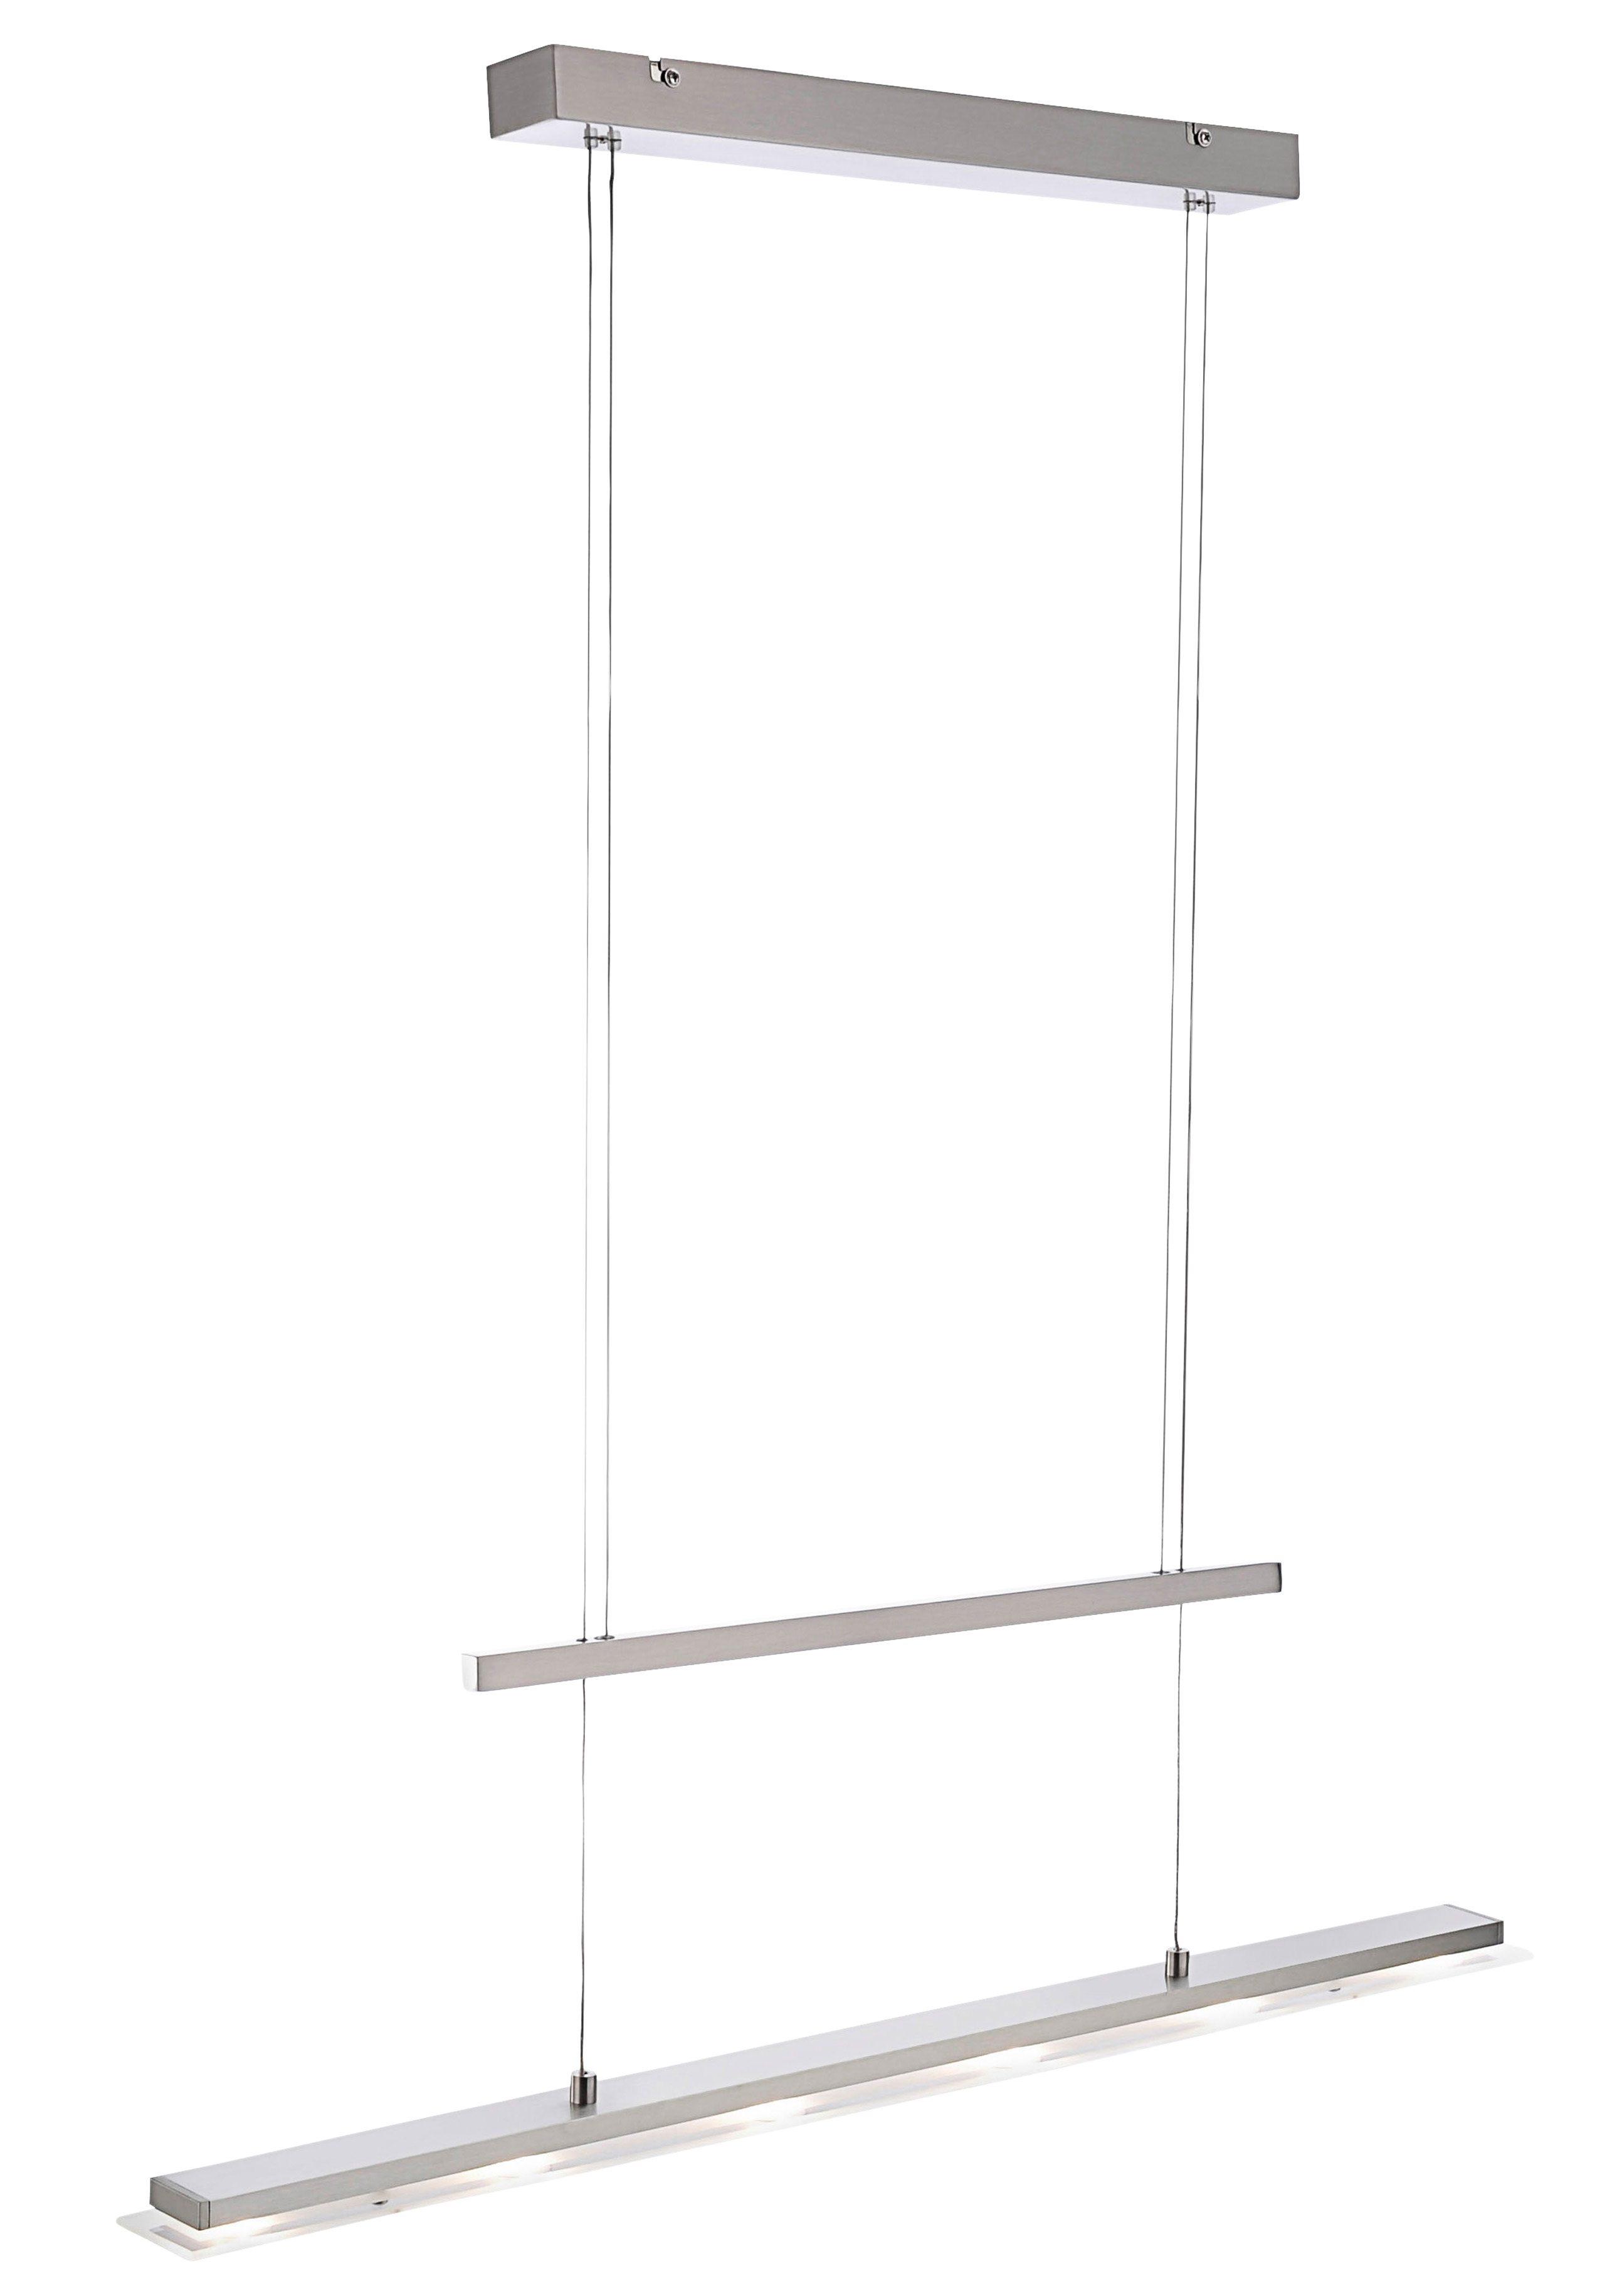 Paul Neuhaus LED-Pendelleuchte, 6flg., »RACK 2.0«